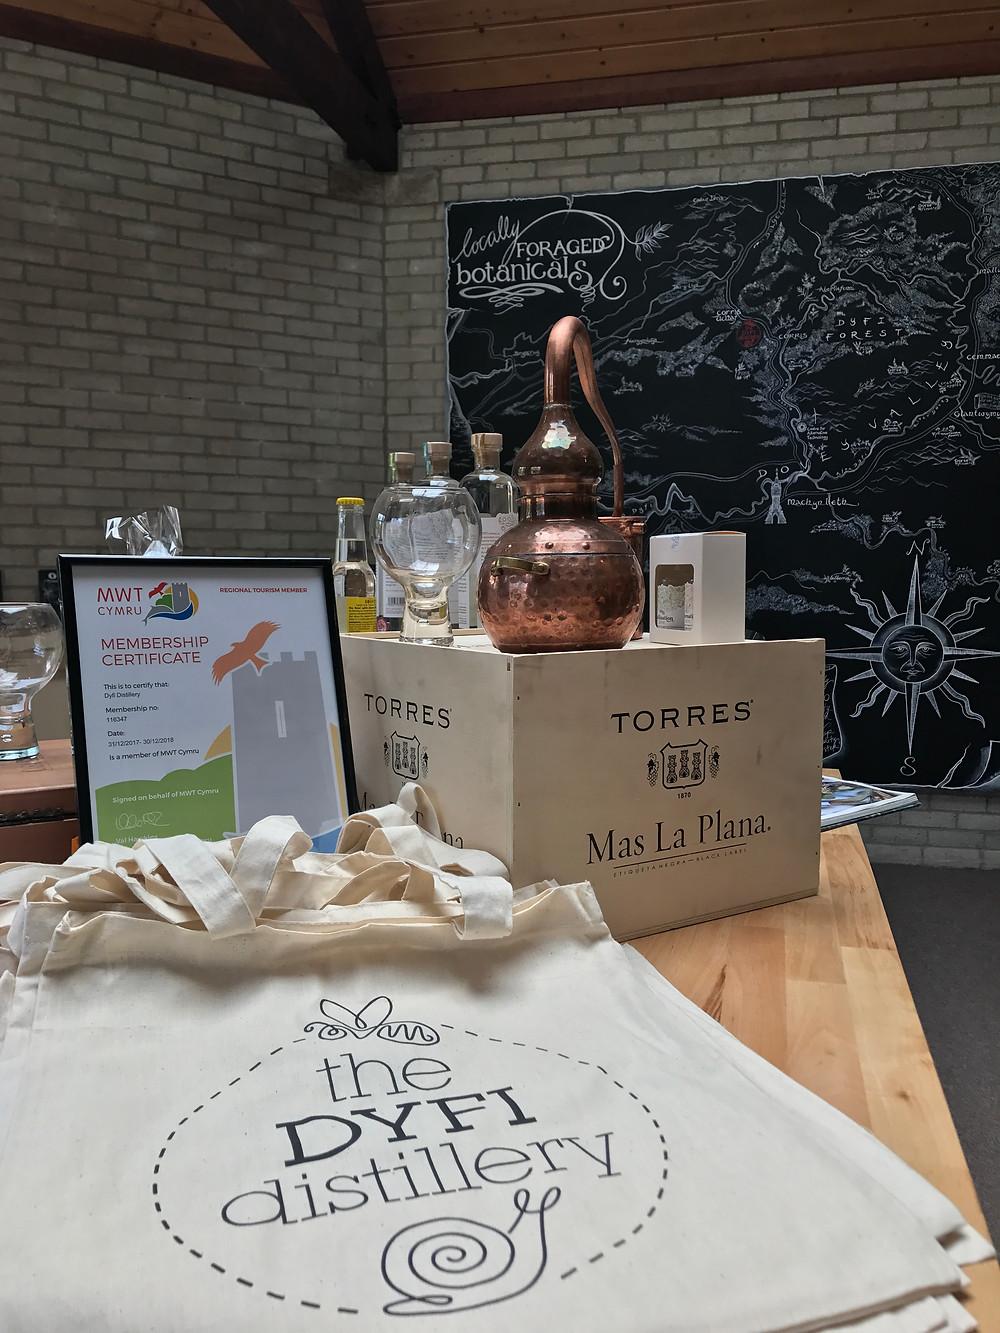 Dyfi Distillery